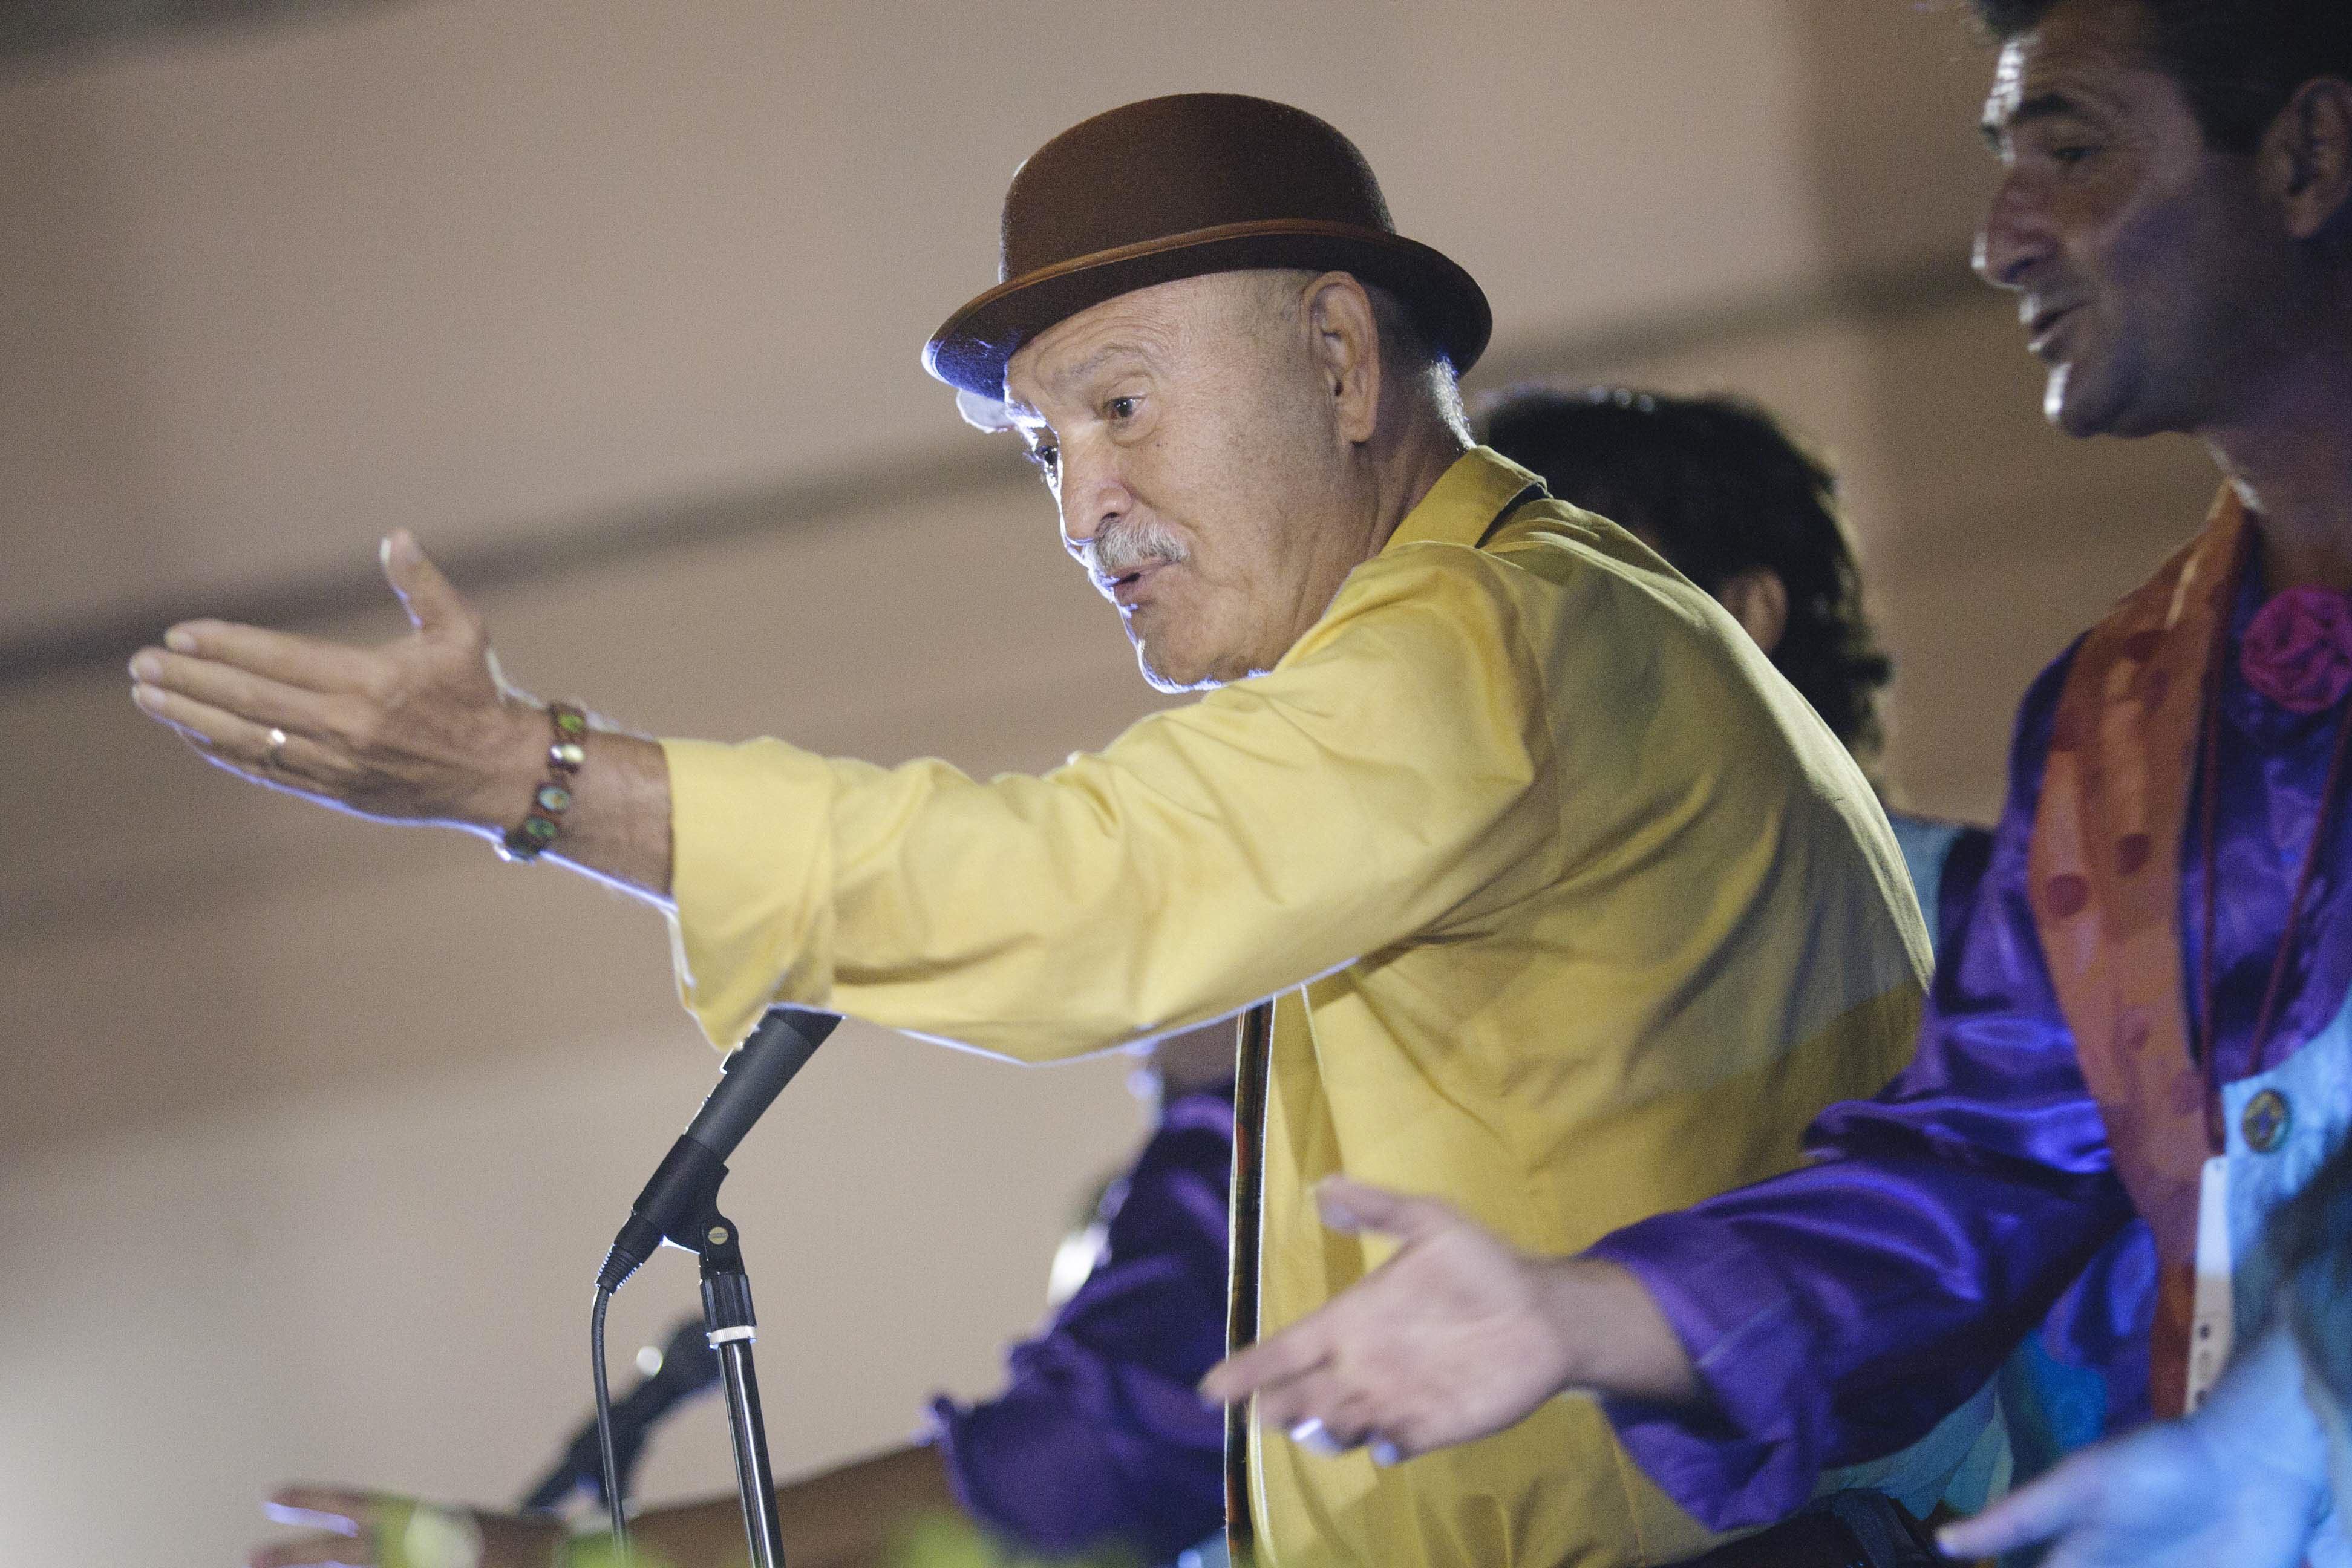 La comparsa de Los Majaras vuelve al Concurso del Falla en 2017